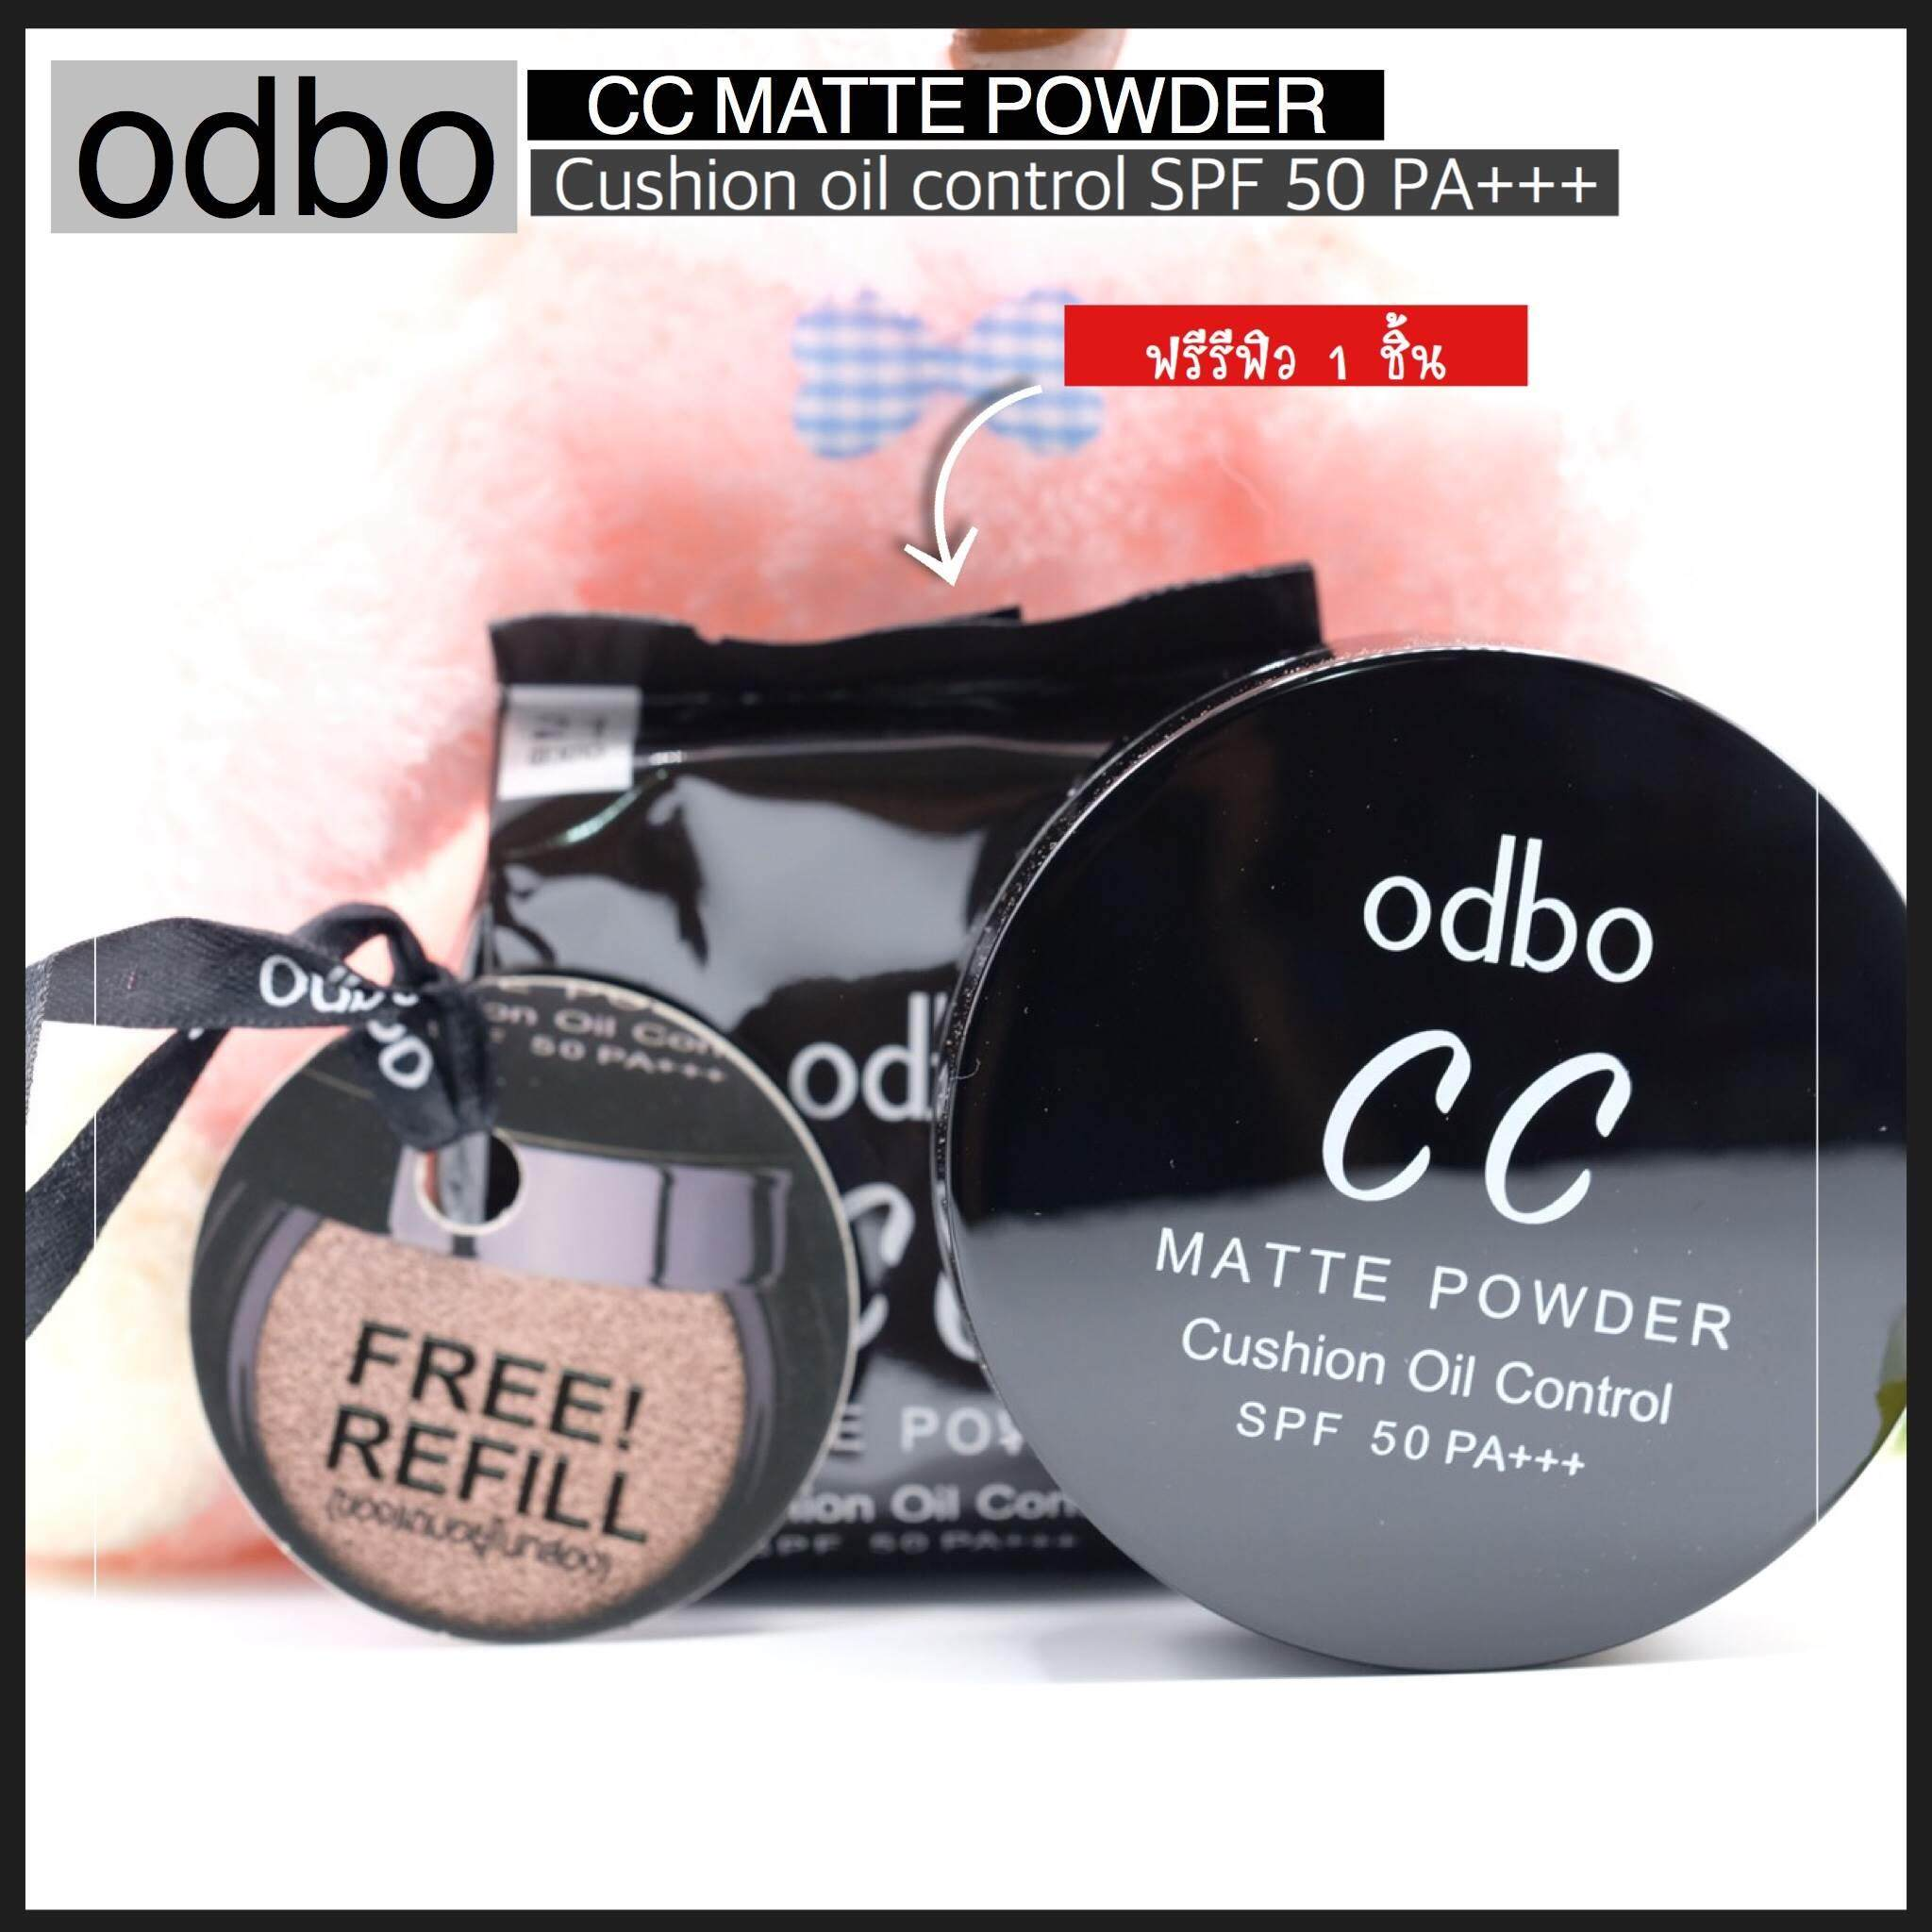 คุชชั่น แท้    ODBO CC Matte Powder Cushion Oil Control SPF 50 PA+++ ☀️☀️ คุชชั่นเนื้อเนียนนุ่ม บางเบา เกลี่ยง่าย ช่วยปรับสีผิวให้เรียบเนียนสม่ำเสมอติดทนนาน ไม่เป็นคราบ ช่วยให้ใบหน้าแลดูเป็นธรรมชาติ